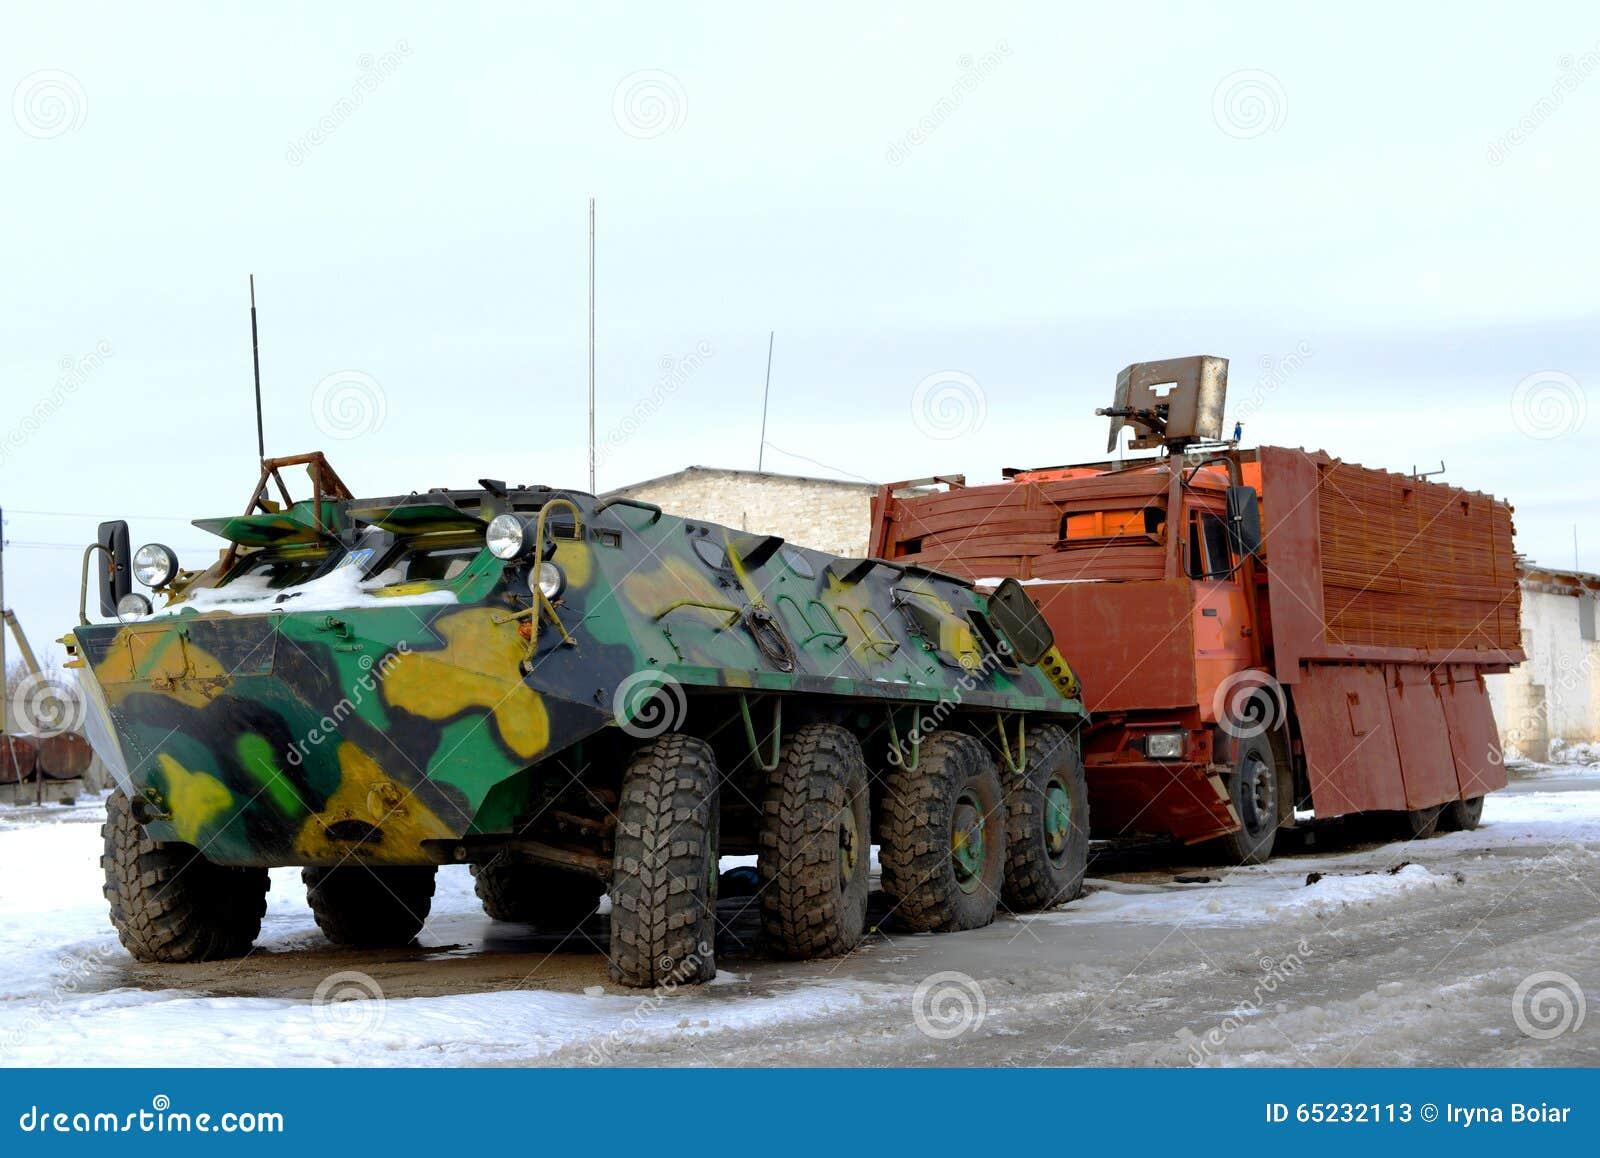 Military Equipm... Ukraine Military Equipment